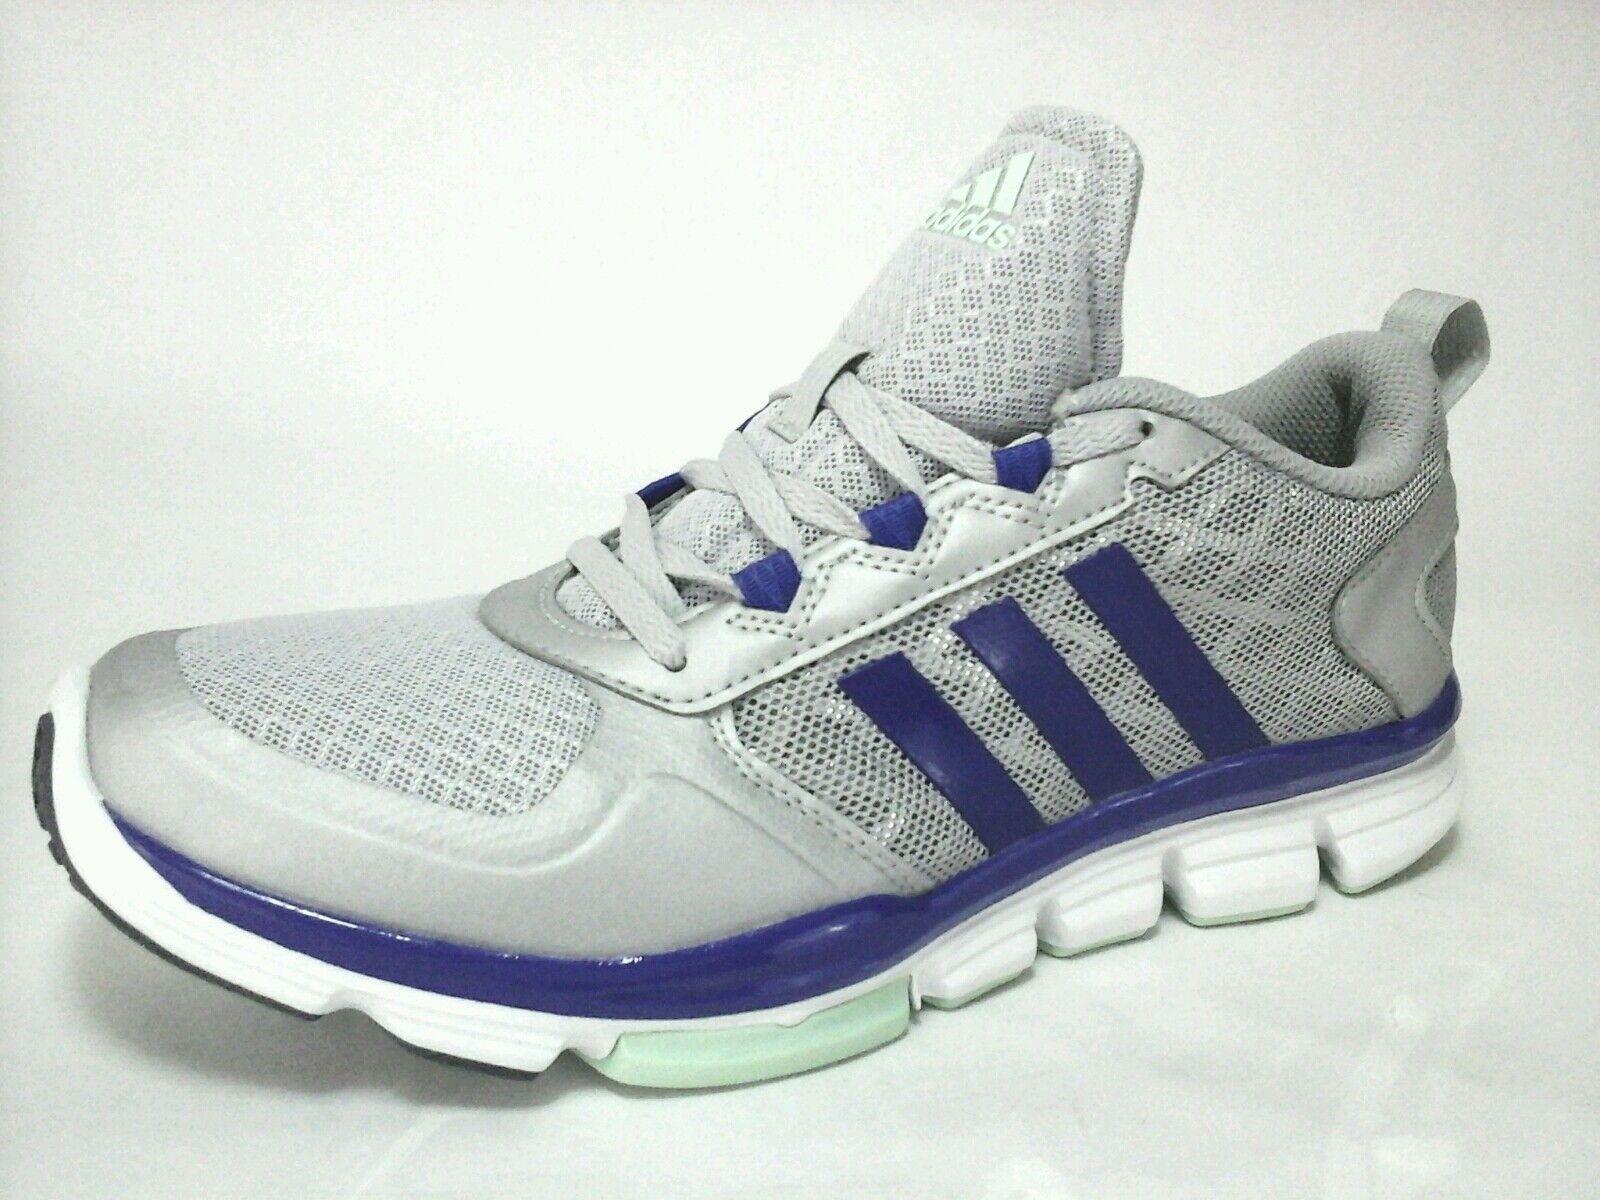 Adidas Womens Ortholite Athletic Gym Yoga Shoes Silver Metallic Purple US 9.5 | eBay